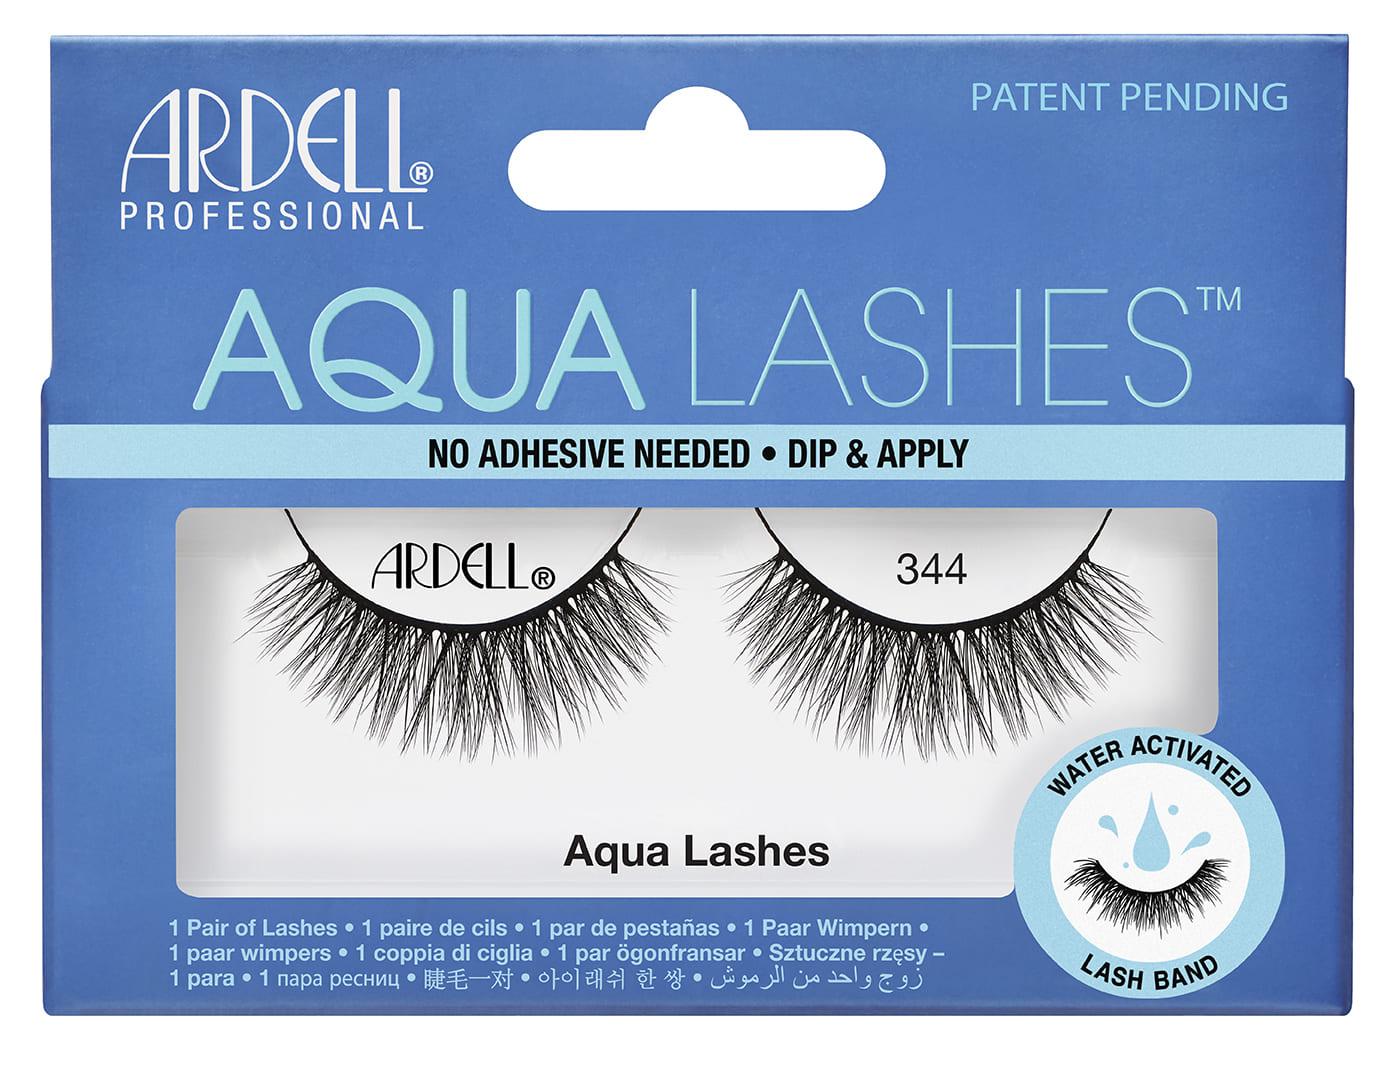 63405 Aqua Lashes 344 Front Box